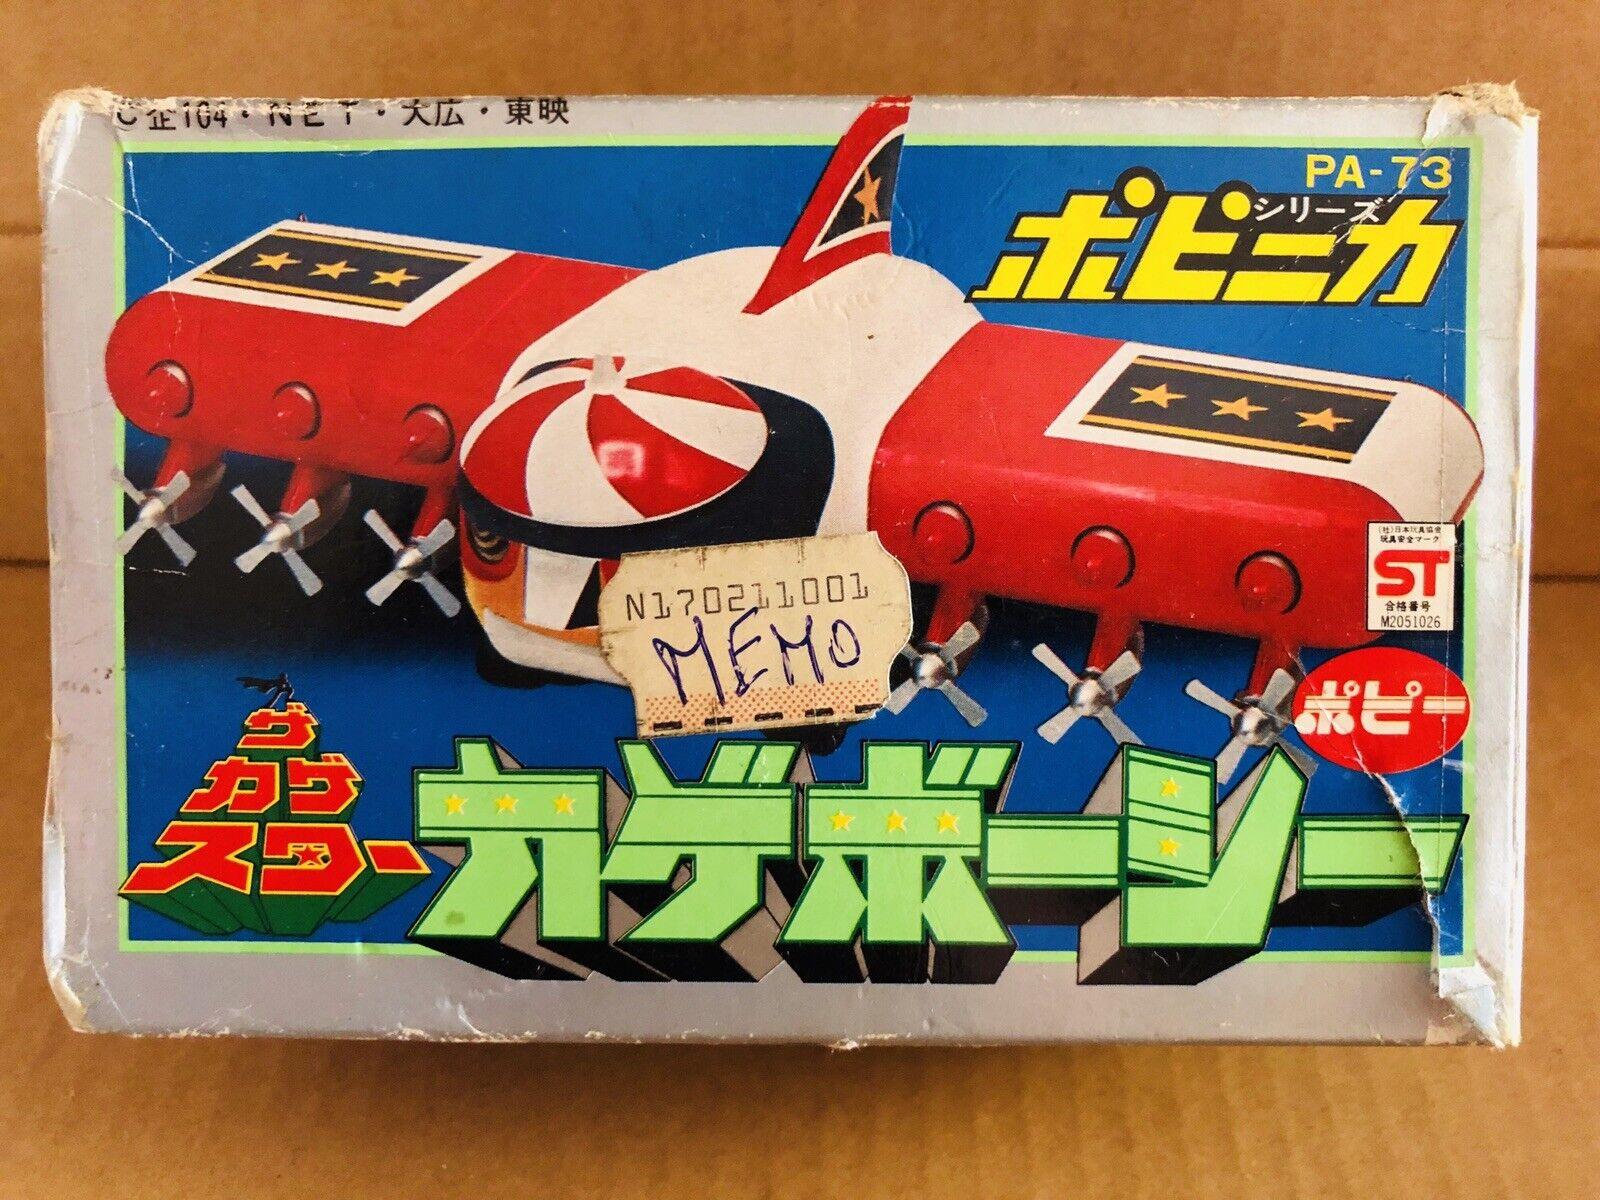 Popy PA-73 Kageboshi Made in Japan Vintage